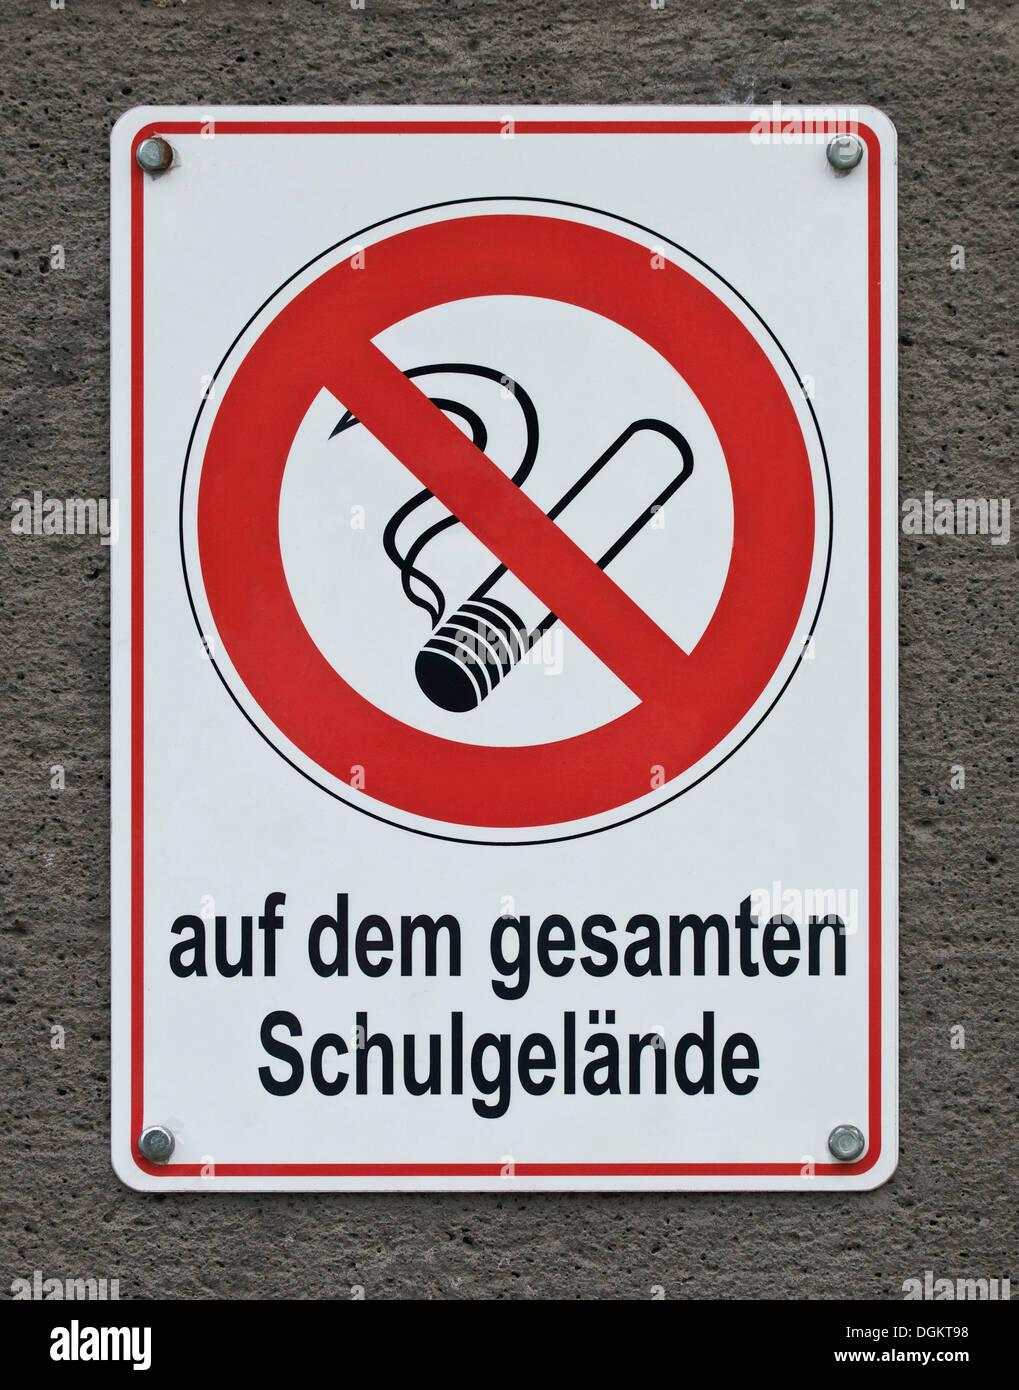 """Kein Rauchen Schild, Schriftzug """"Auf Dem Gesamten Schulgelaende"""", Deutsch für """"auf dem Schulgelände"""" Stockbild"""